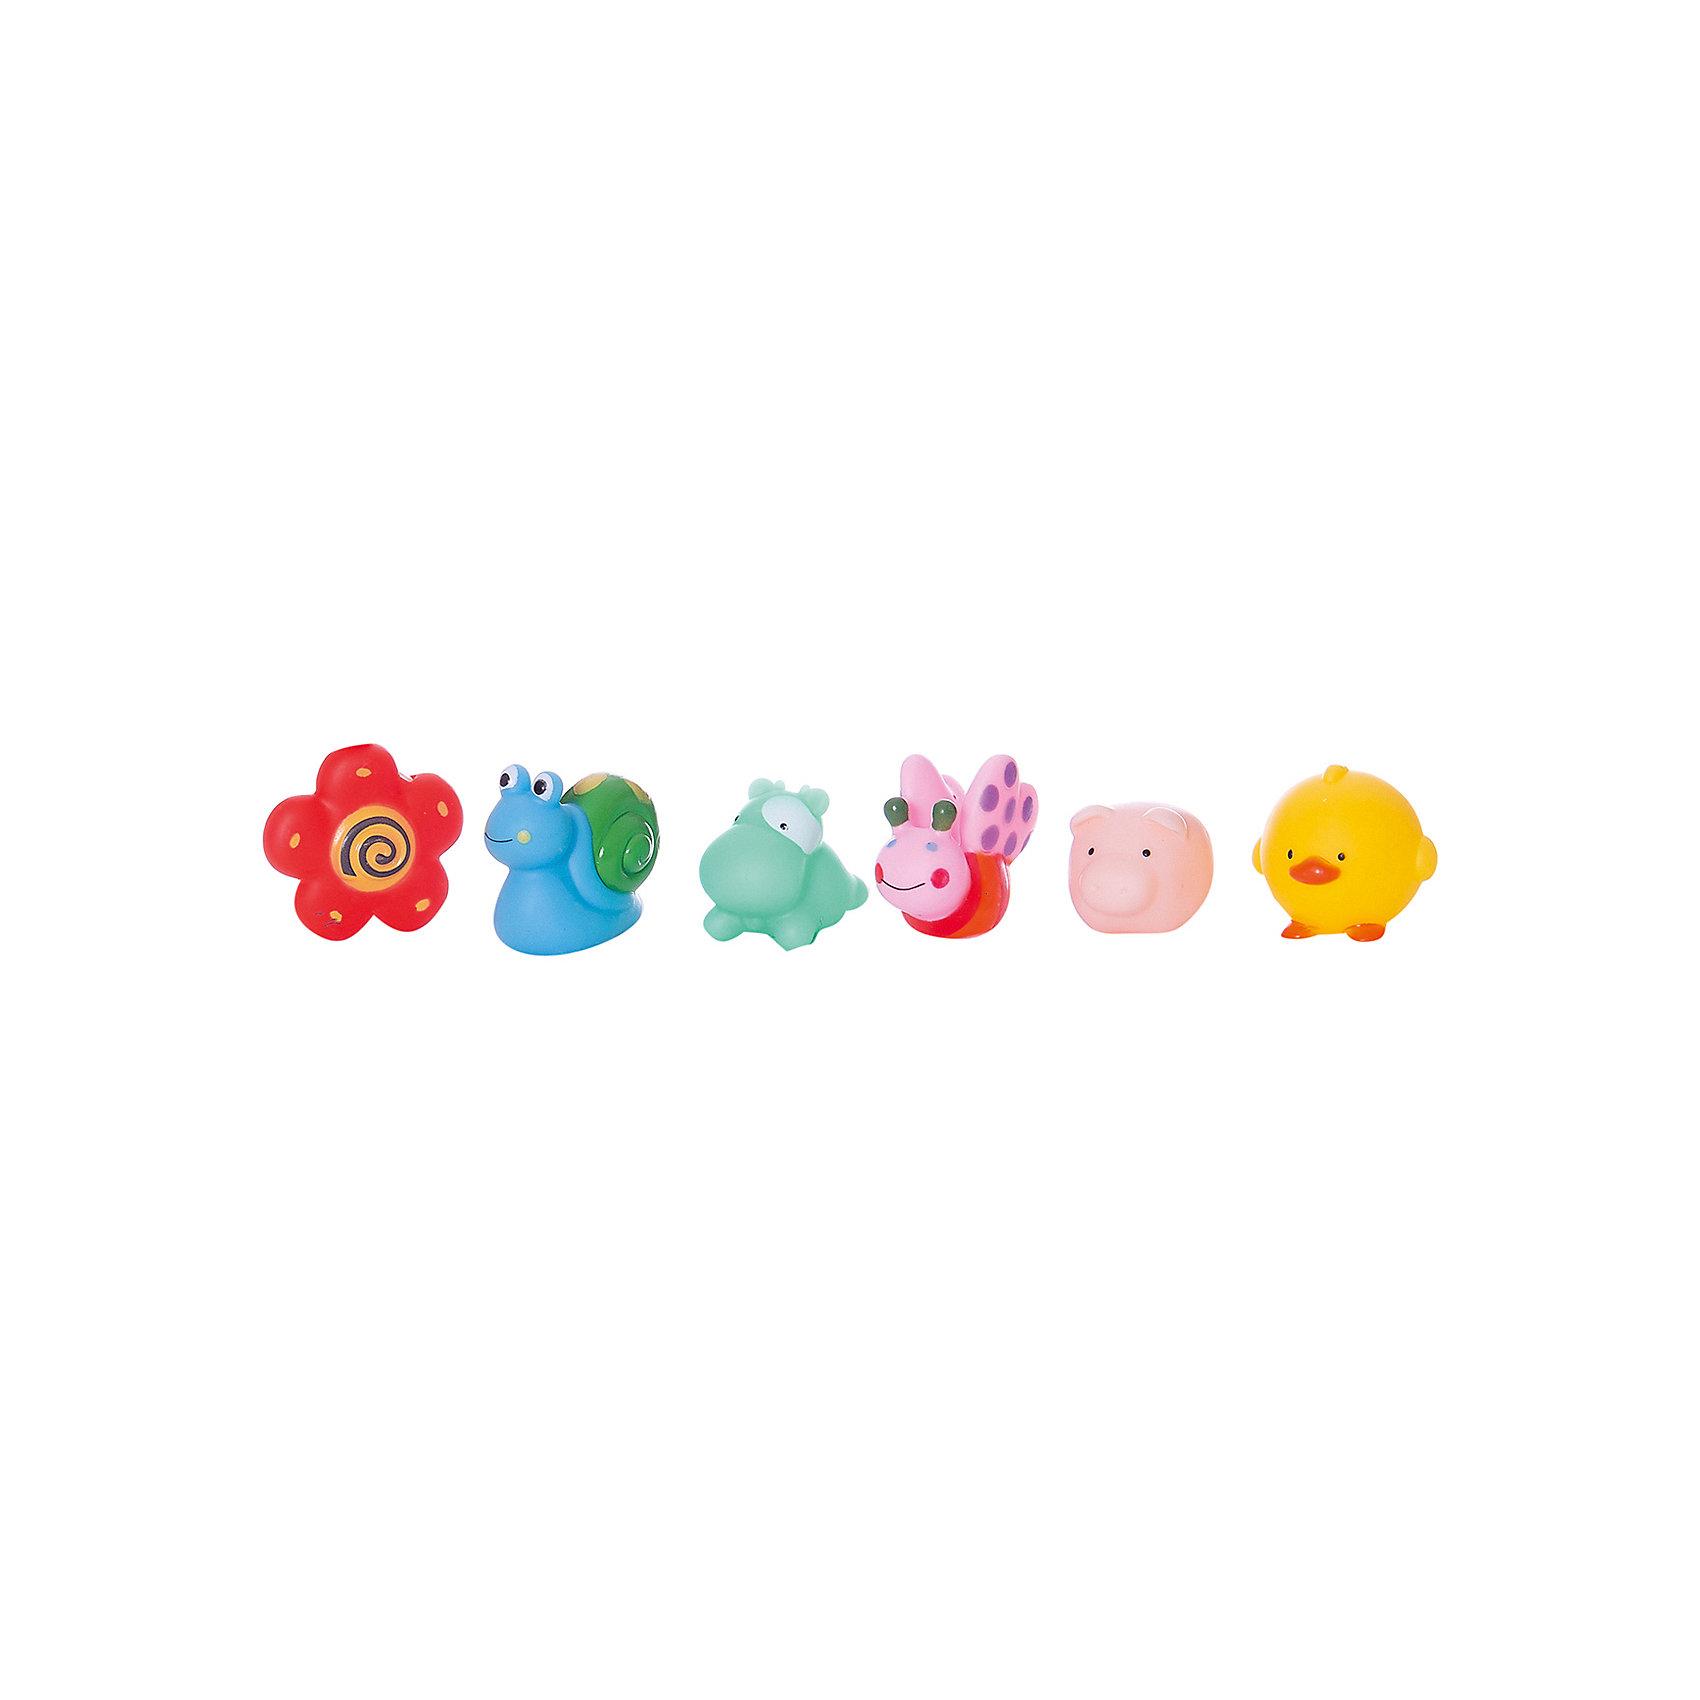 Набор резиновых игрушек для ванной Веселое купание, 6 предм., ABtoysИгровые наборы<br>Веселое купание. Набор резиновых игрушек для ванной, в наборе 6 шт., в пакете, 16х18х3см<br><br>Ширина мм: 160<br>Глубина мм: 180<br>Высота мм: 30<br>Вес г: 83<br>Возраст от месяцев: 36<br>Возраст до месяцев: 96<br>Пол: Унисекс<br>Возраст: Детский<br>SKU: 5500916